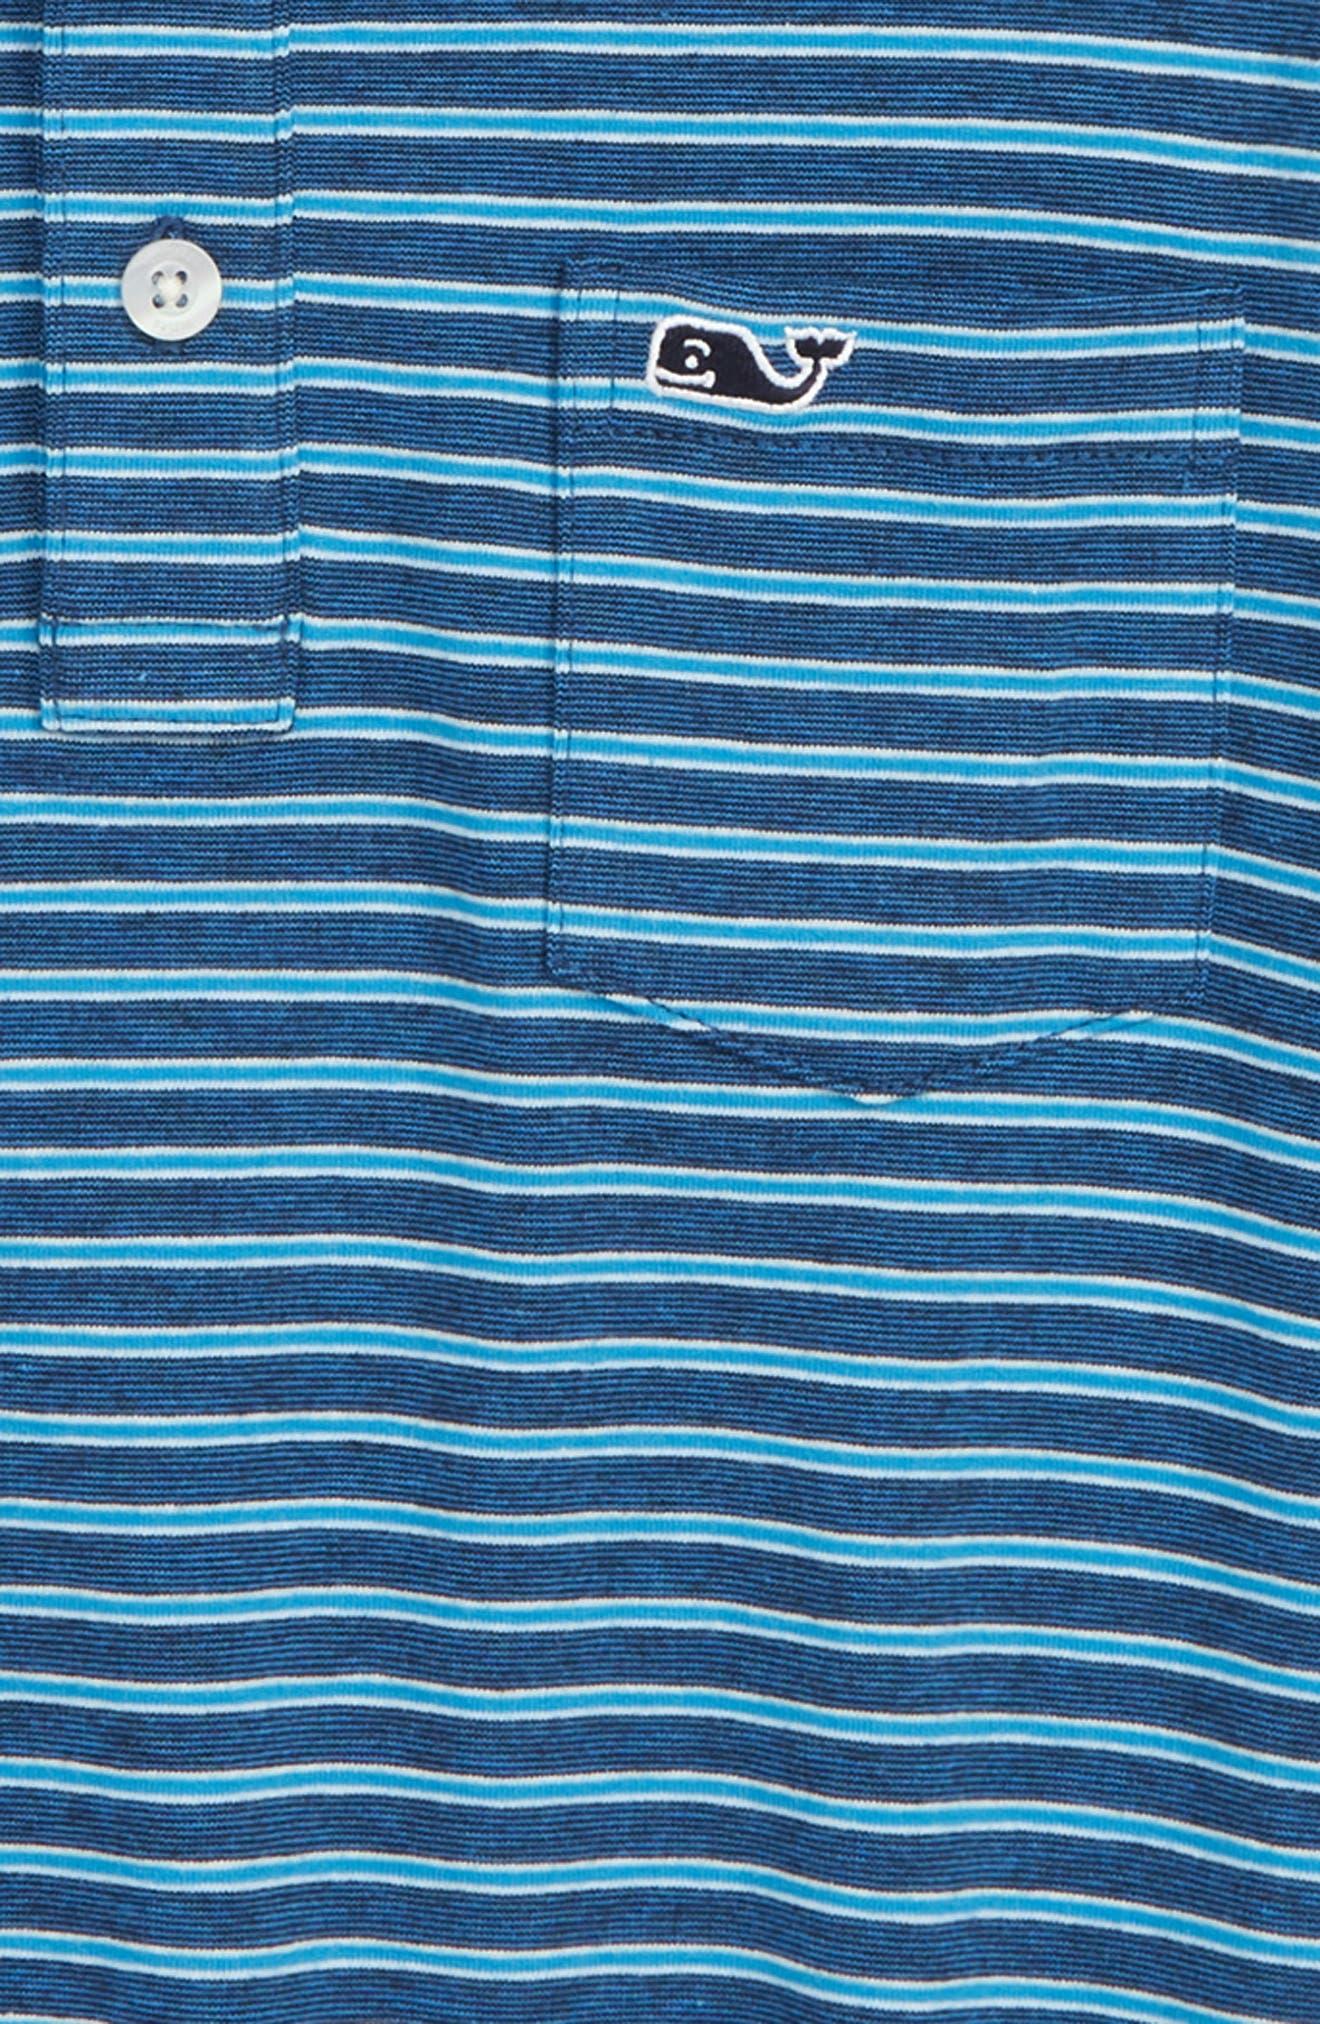 Edgartown Stripe Polo,                             Alternate thumbnail 2, color,                             410